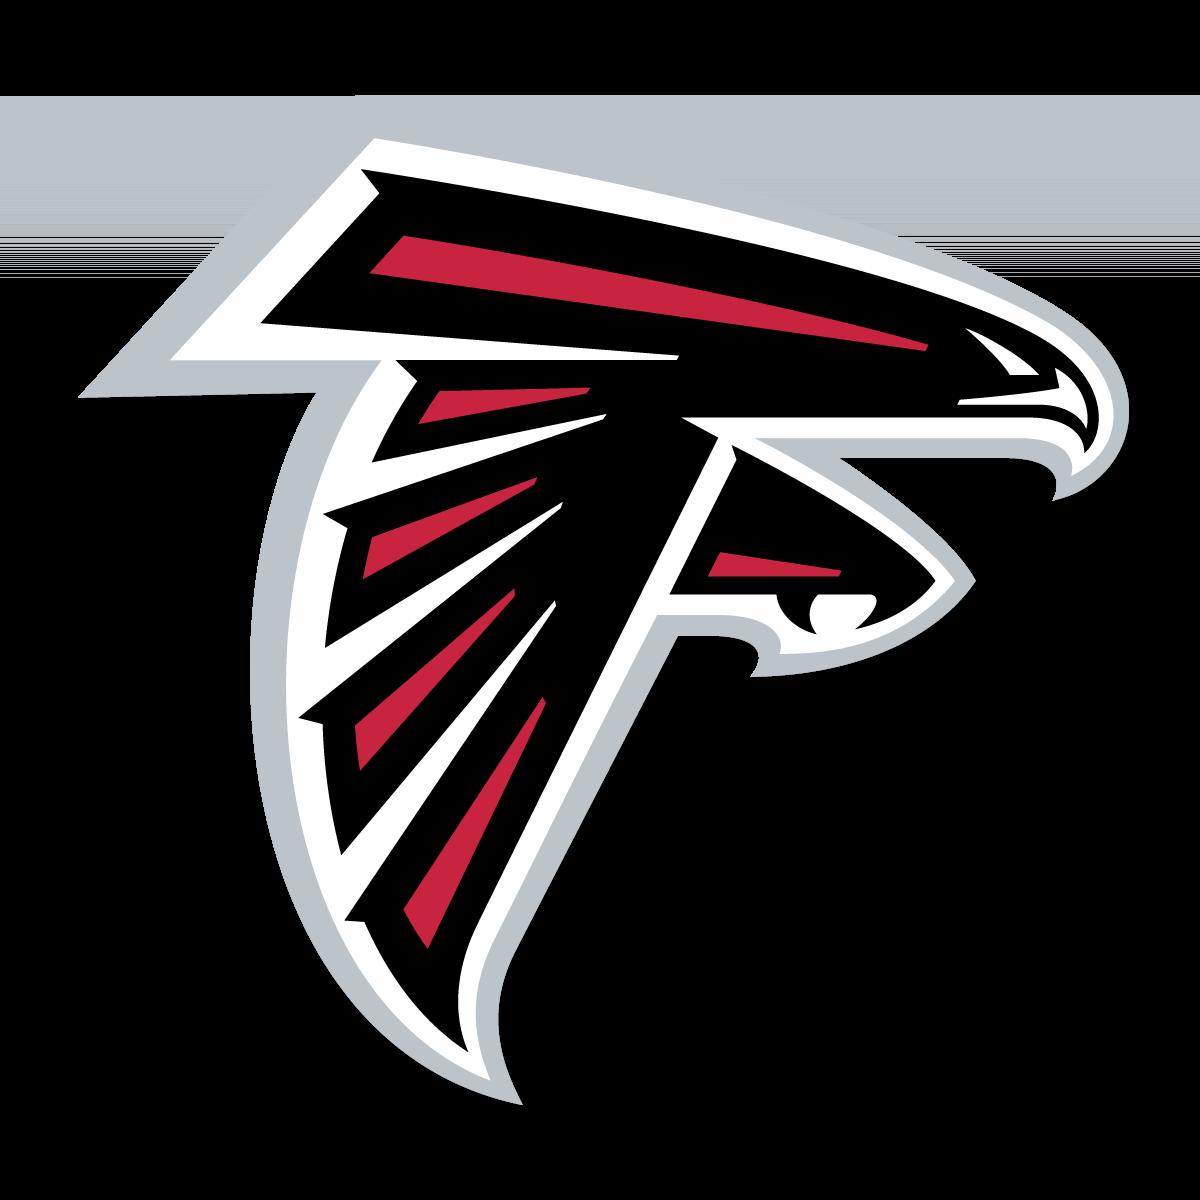 Atlanta Falcons  Backgrounds, Compatible - PC, Mobile, Gadgets| 1200x1200 px